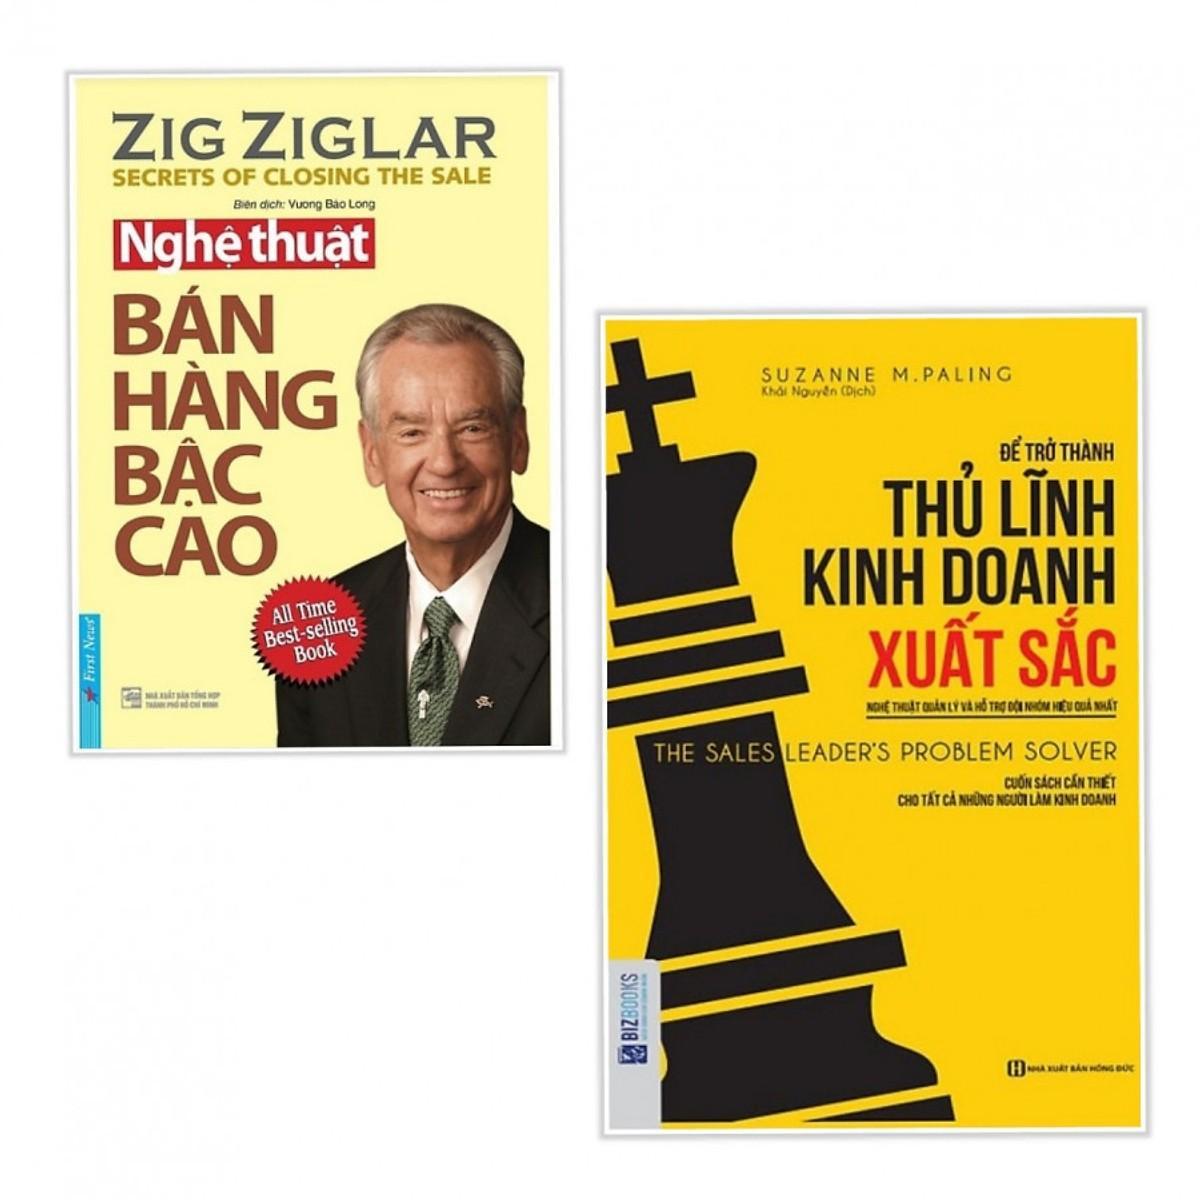 Mua Combo 2 Cuốn Kỹ Năng Làm Việc: Để Trở Thành Thủ Lĩnh Kinh Doanh Xuất Sắc + Nghệ Thuật Bán Hàng Bậc Cao